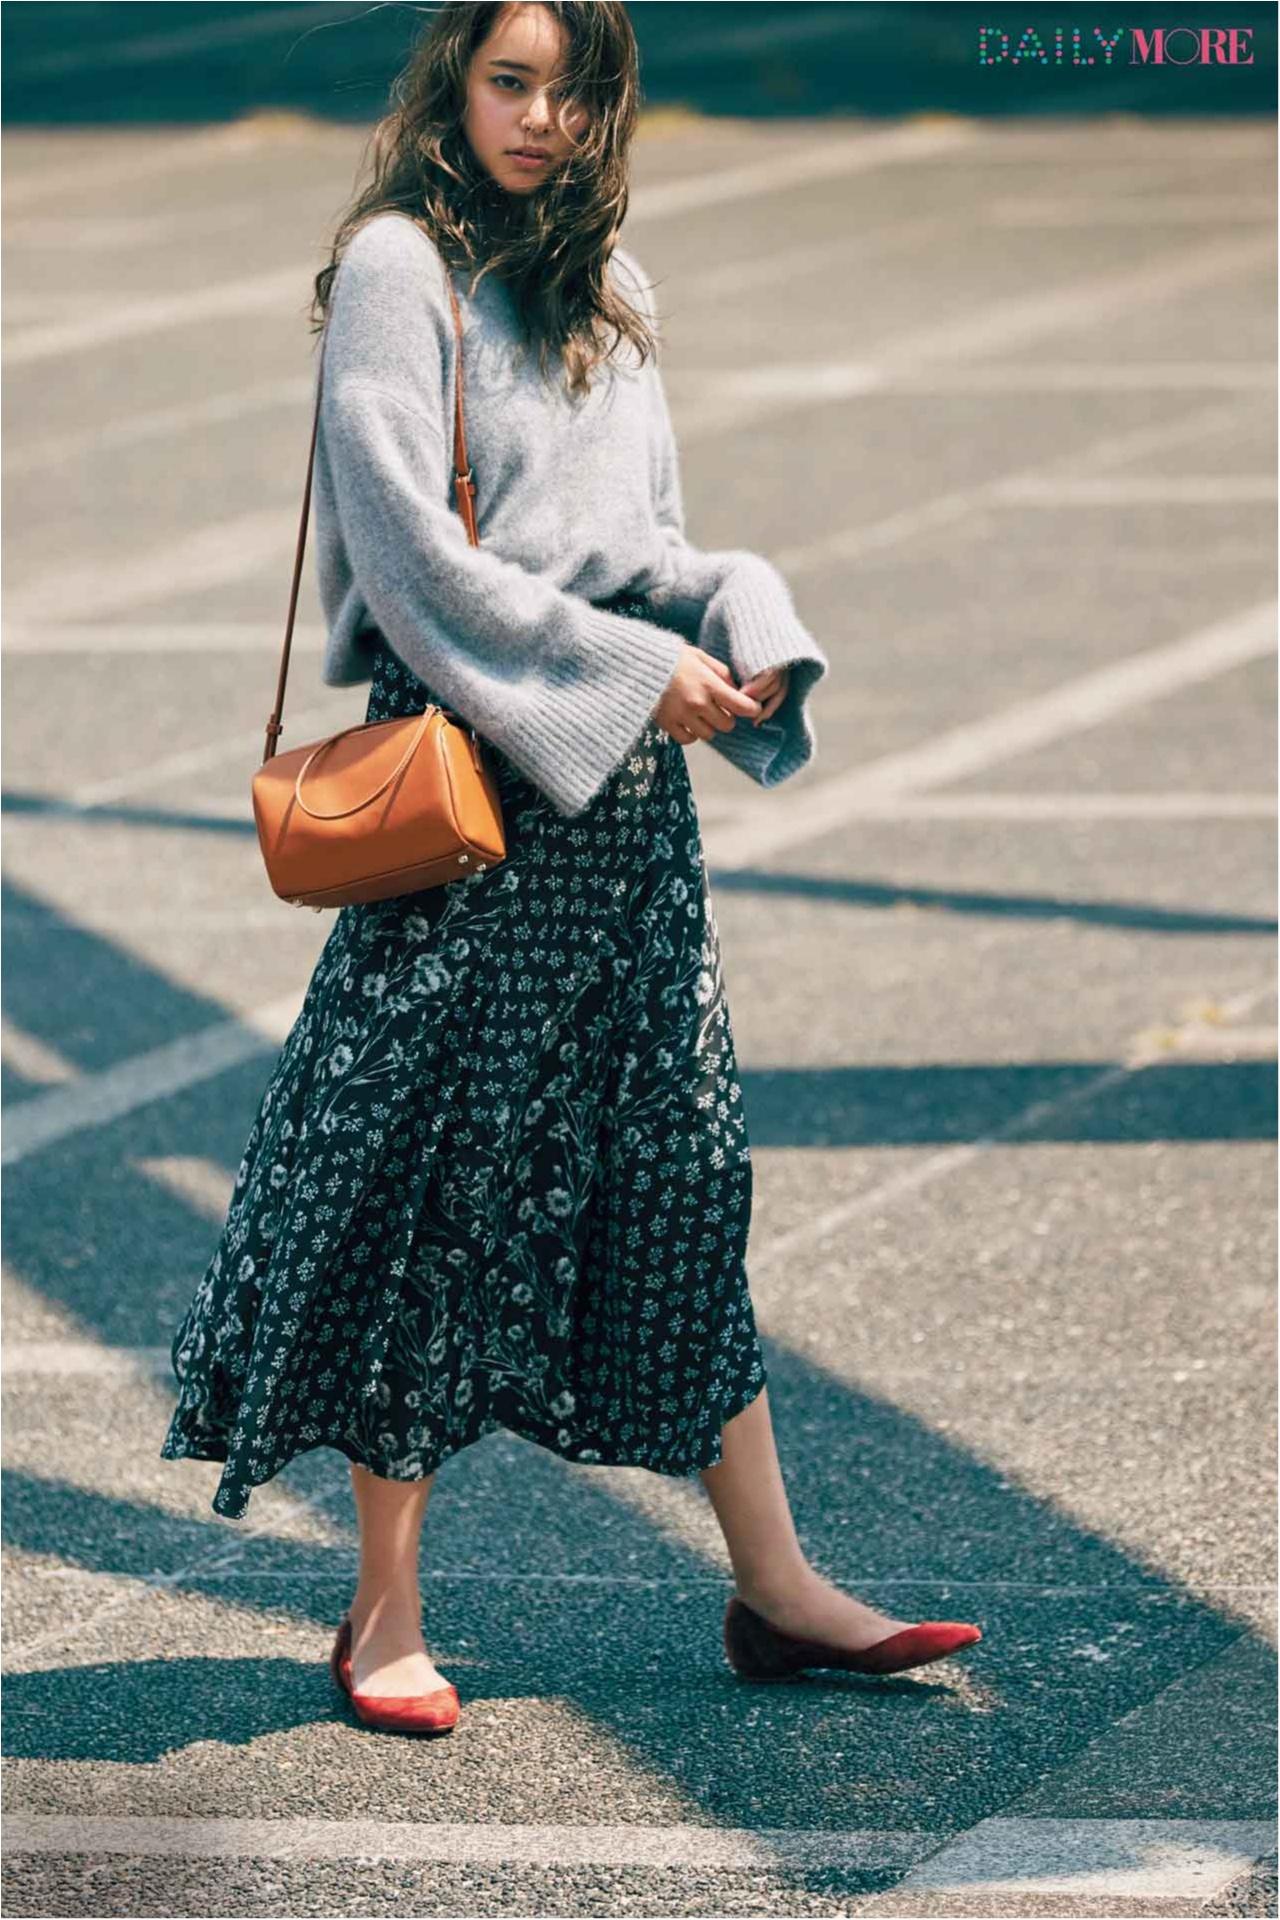 【今日のコーデ/岸本セシル】around27歳のための花柄スカート、こなれたモノトーンで大人っぽ仕上げがいい♡_1